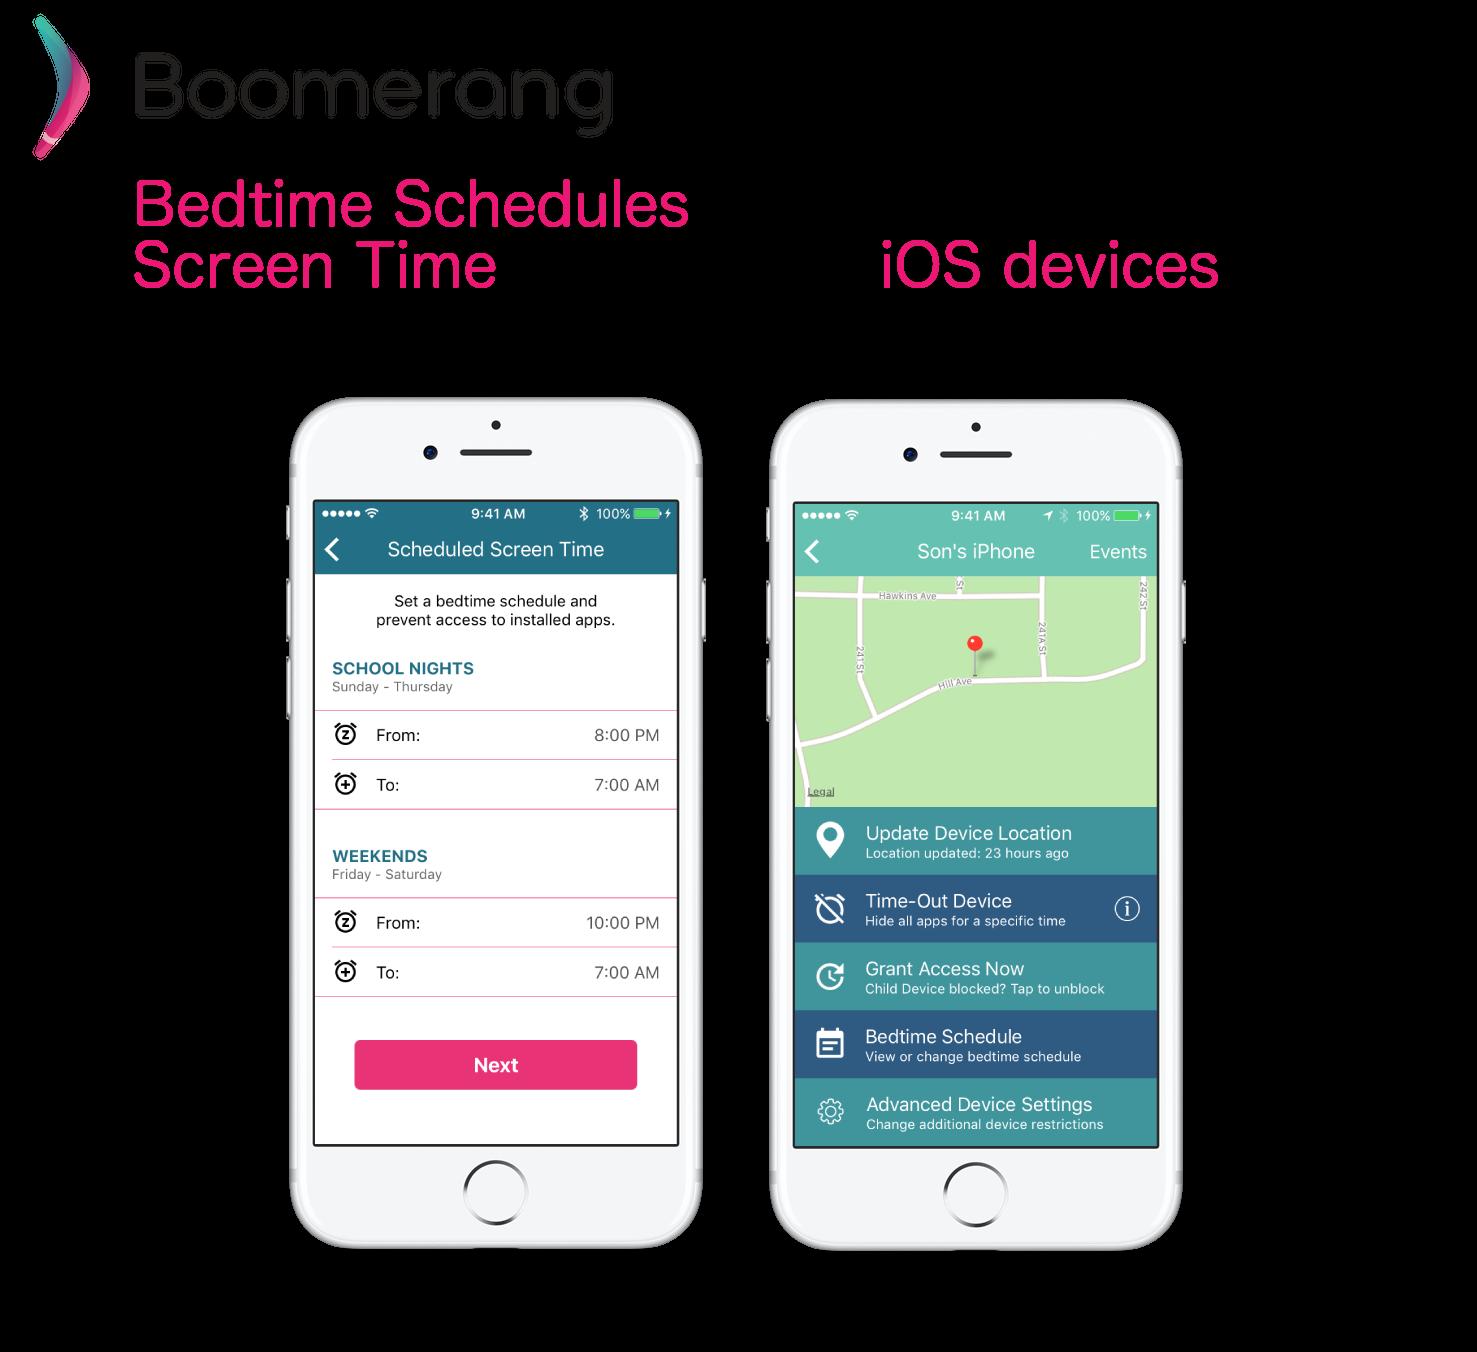 iOSBedTimeSchedulesScreenTime